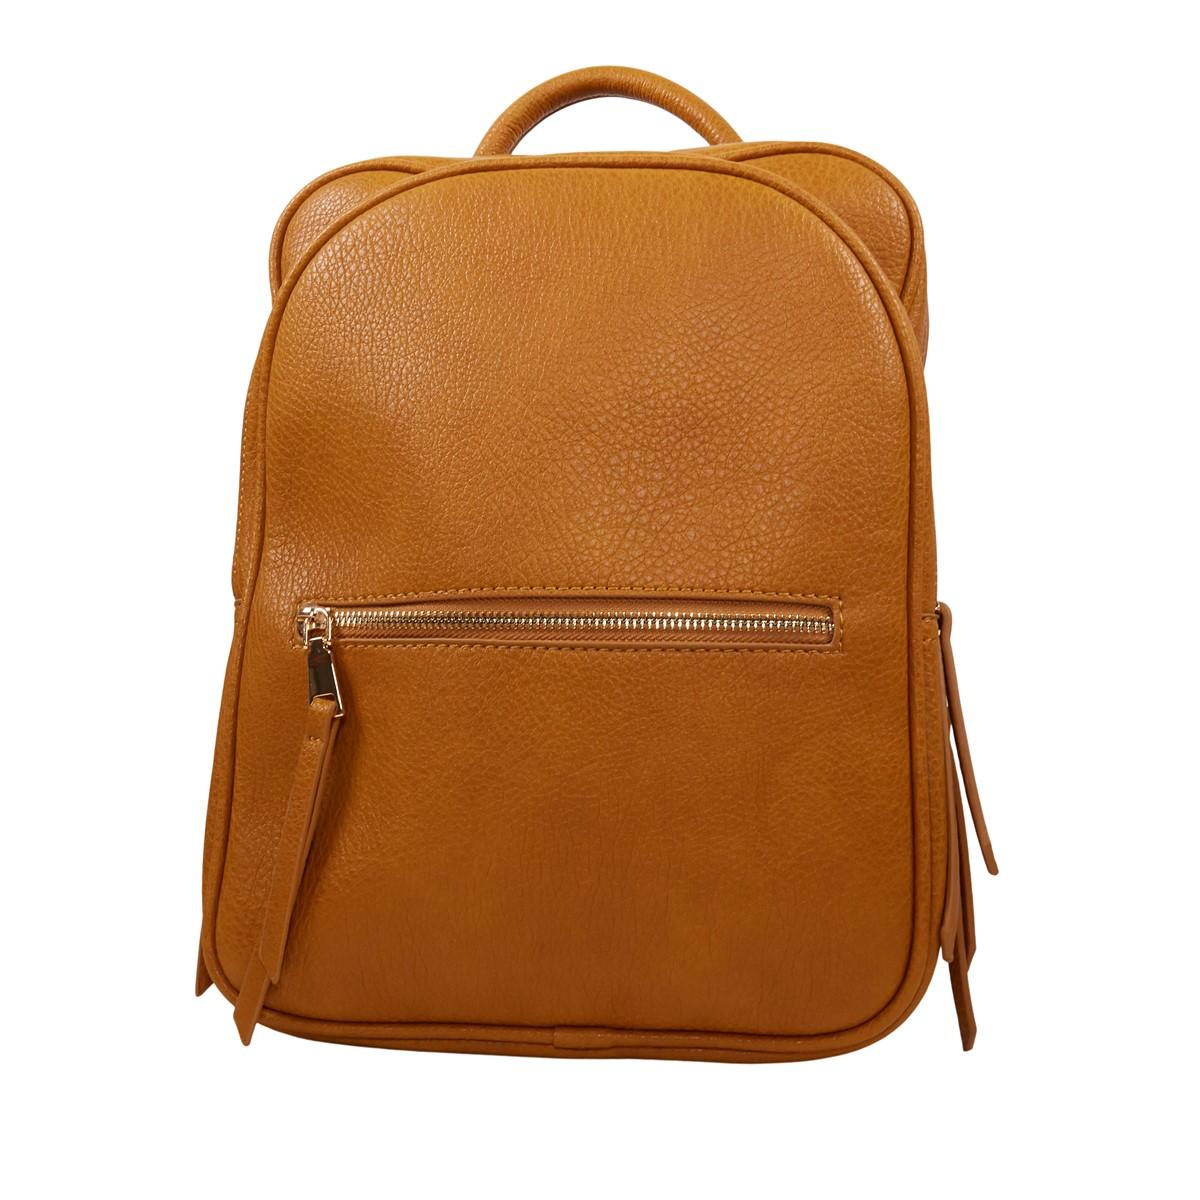 Lisa Backpack in Cognac